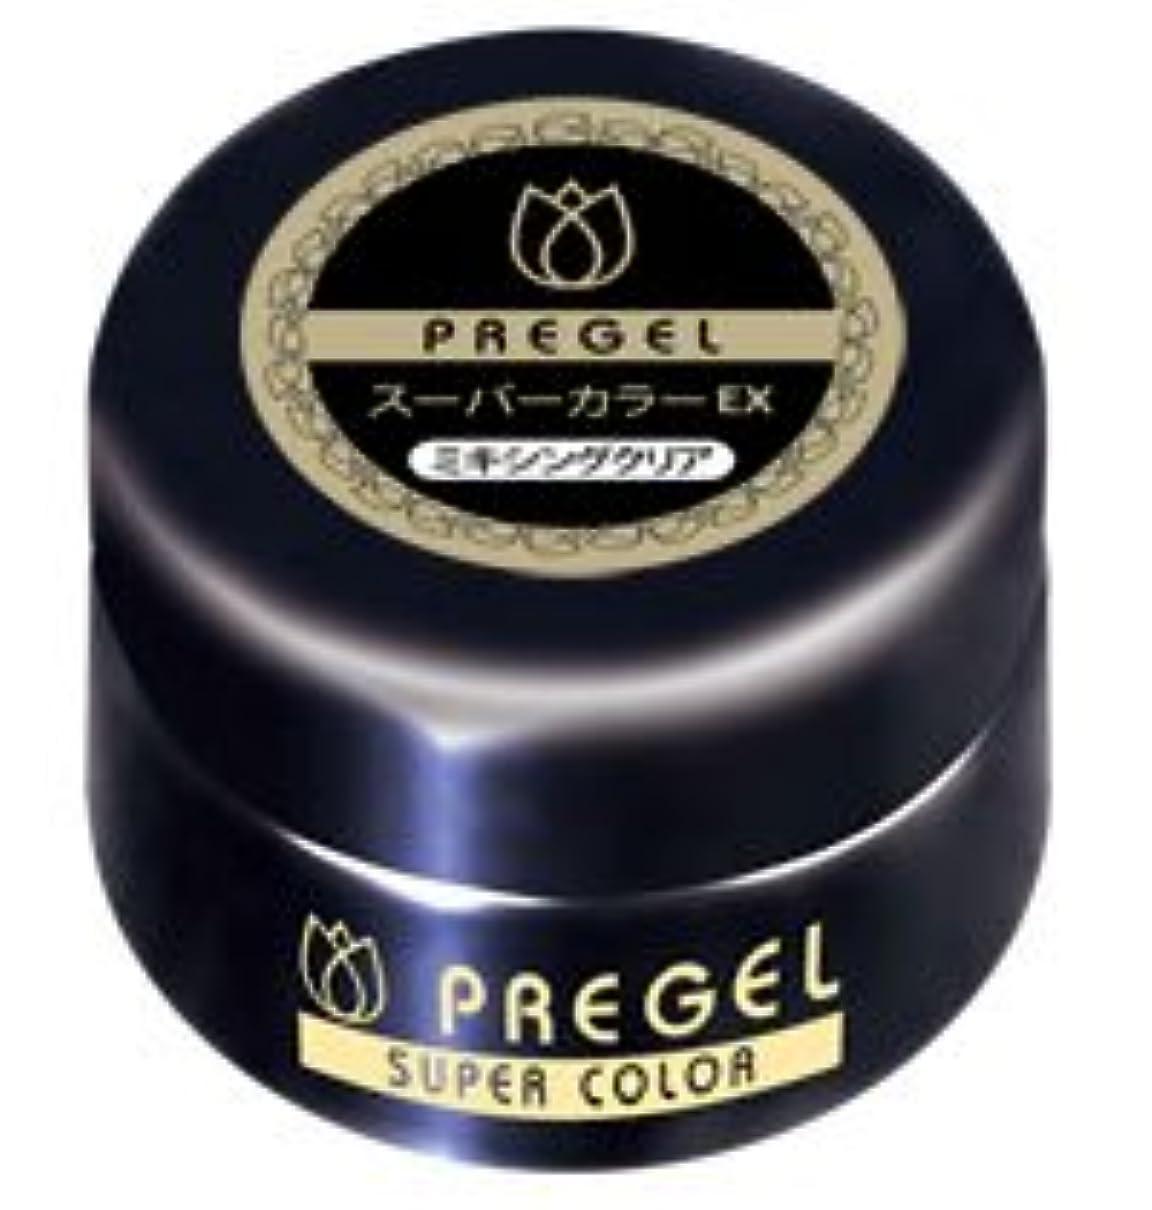 消毒剤航海の他のバンドでPREGEL(プリジェル) スーパーカラーEx PG-SE000 <BR>ミキシングクリア 4g